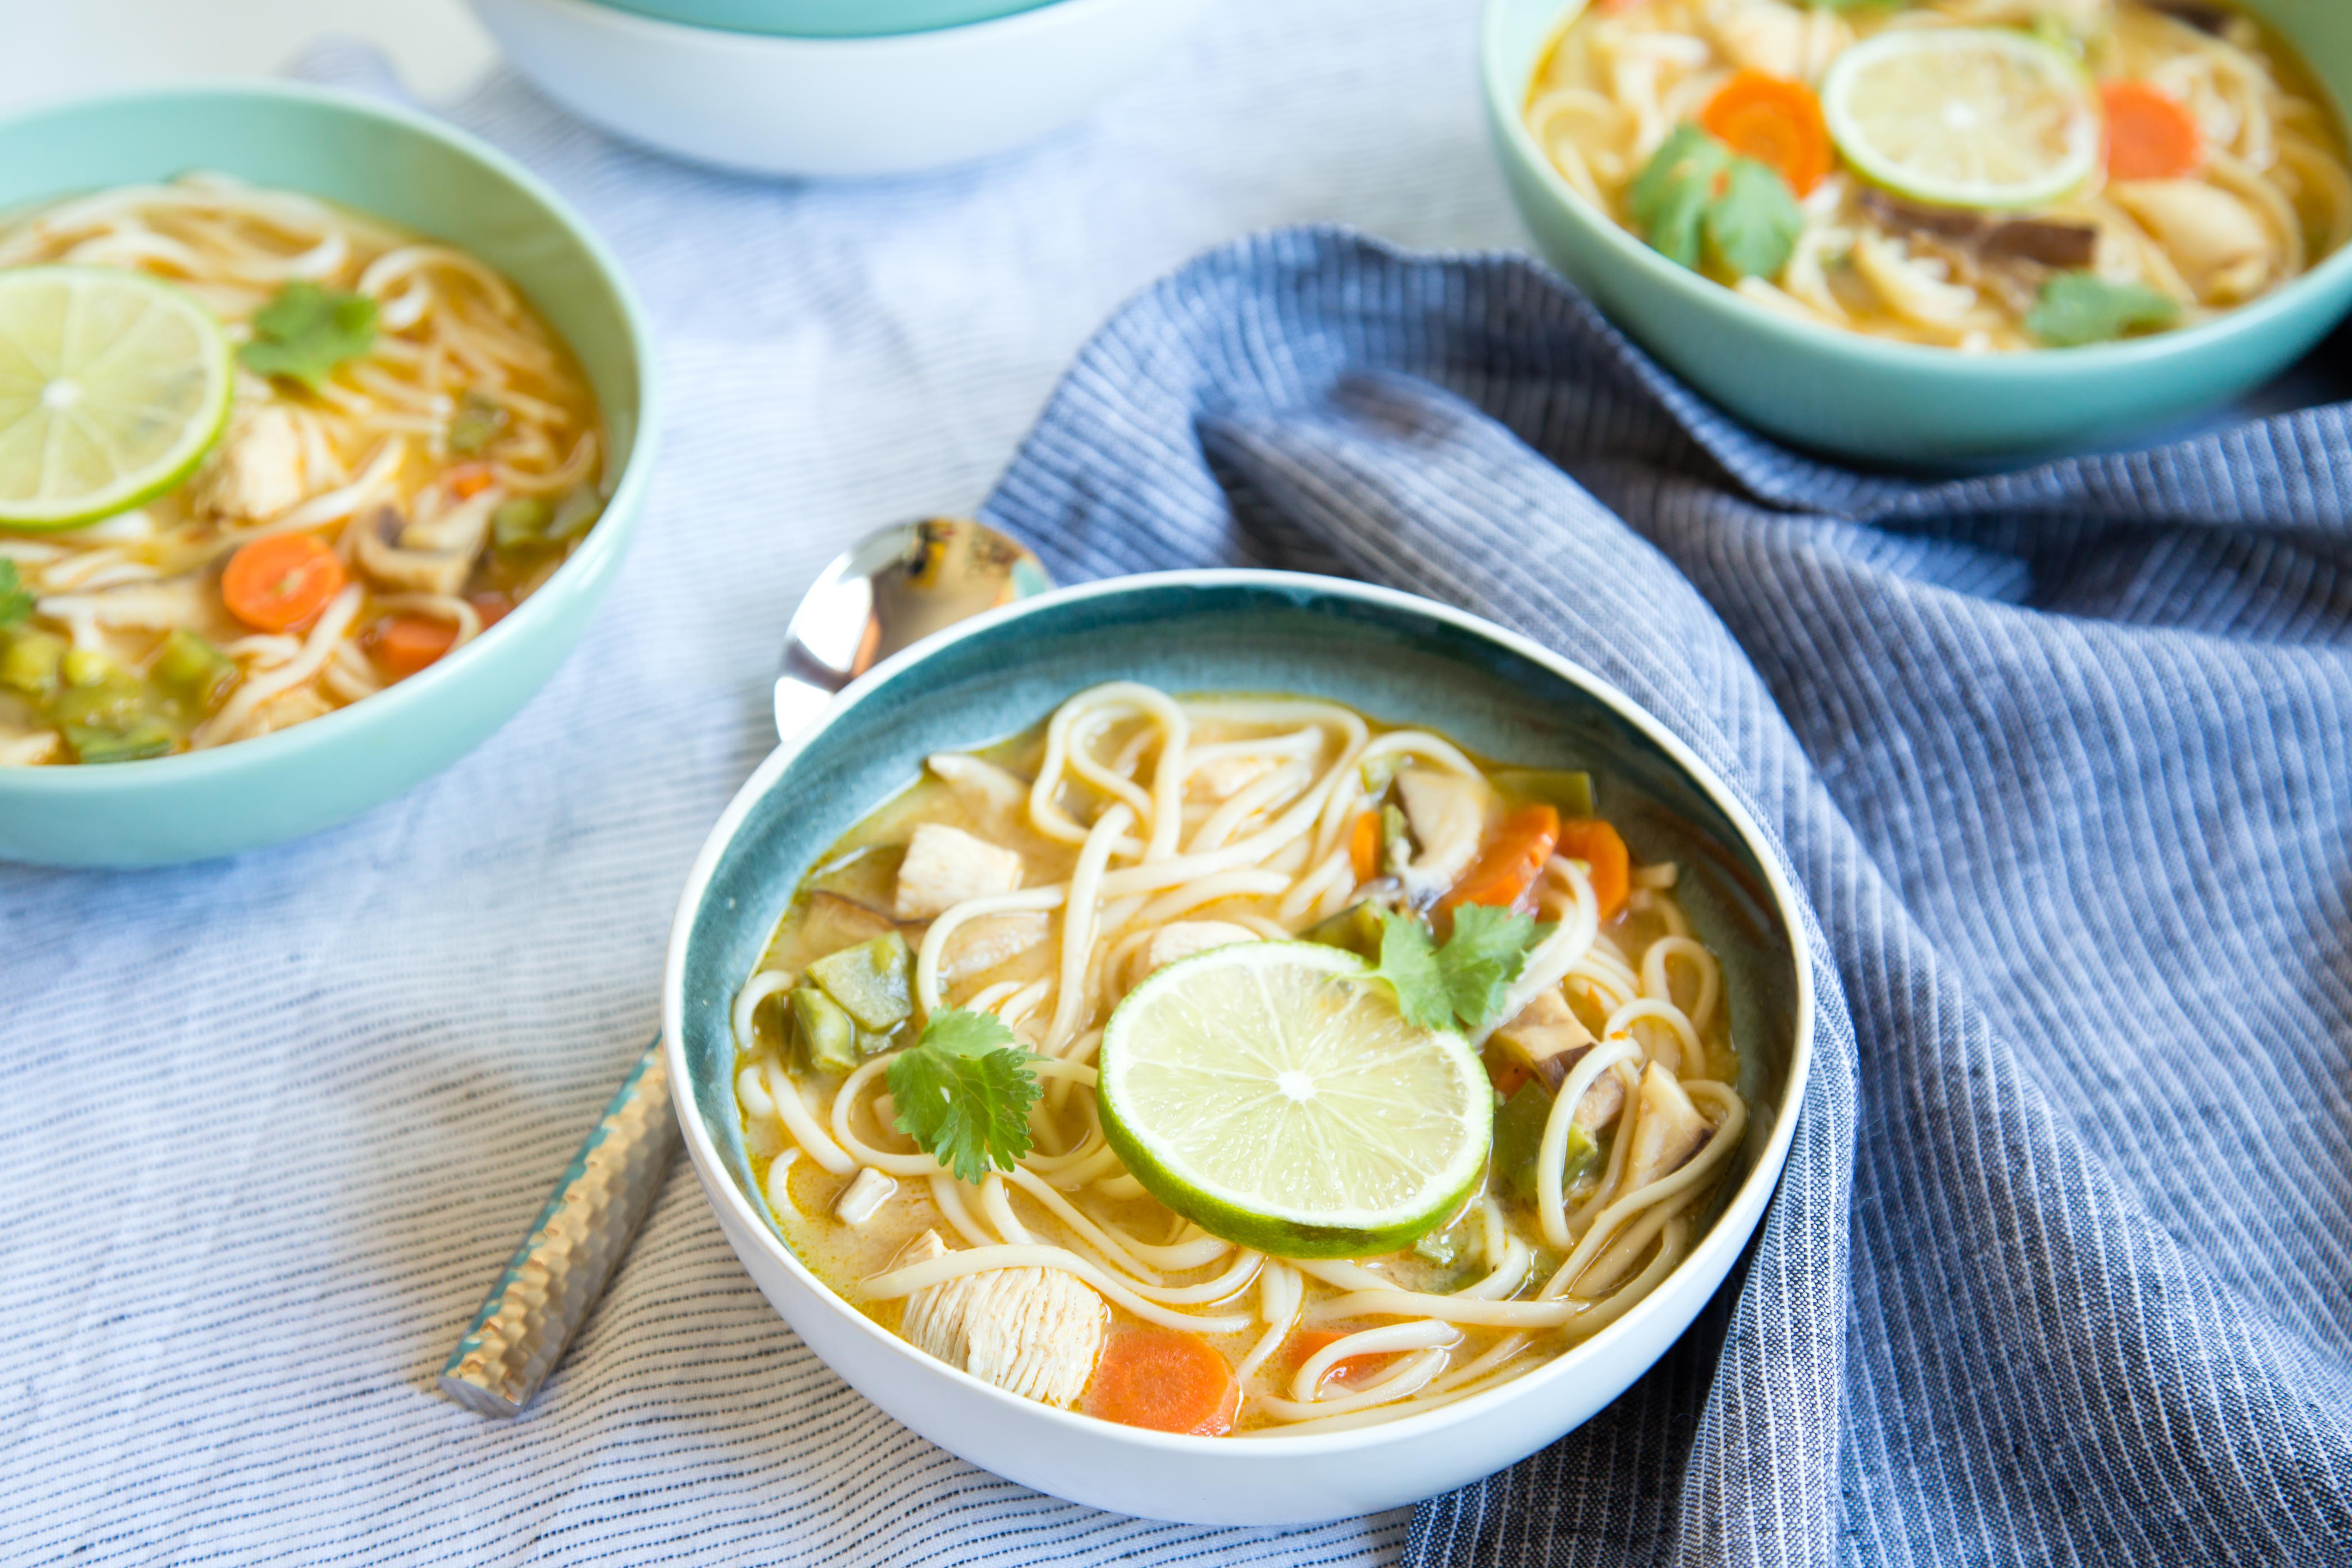 Coconut Curry Noodle Soup - TODAY.com